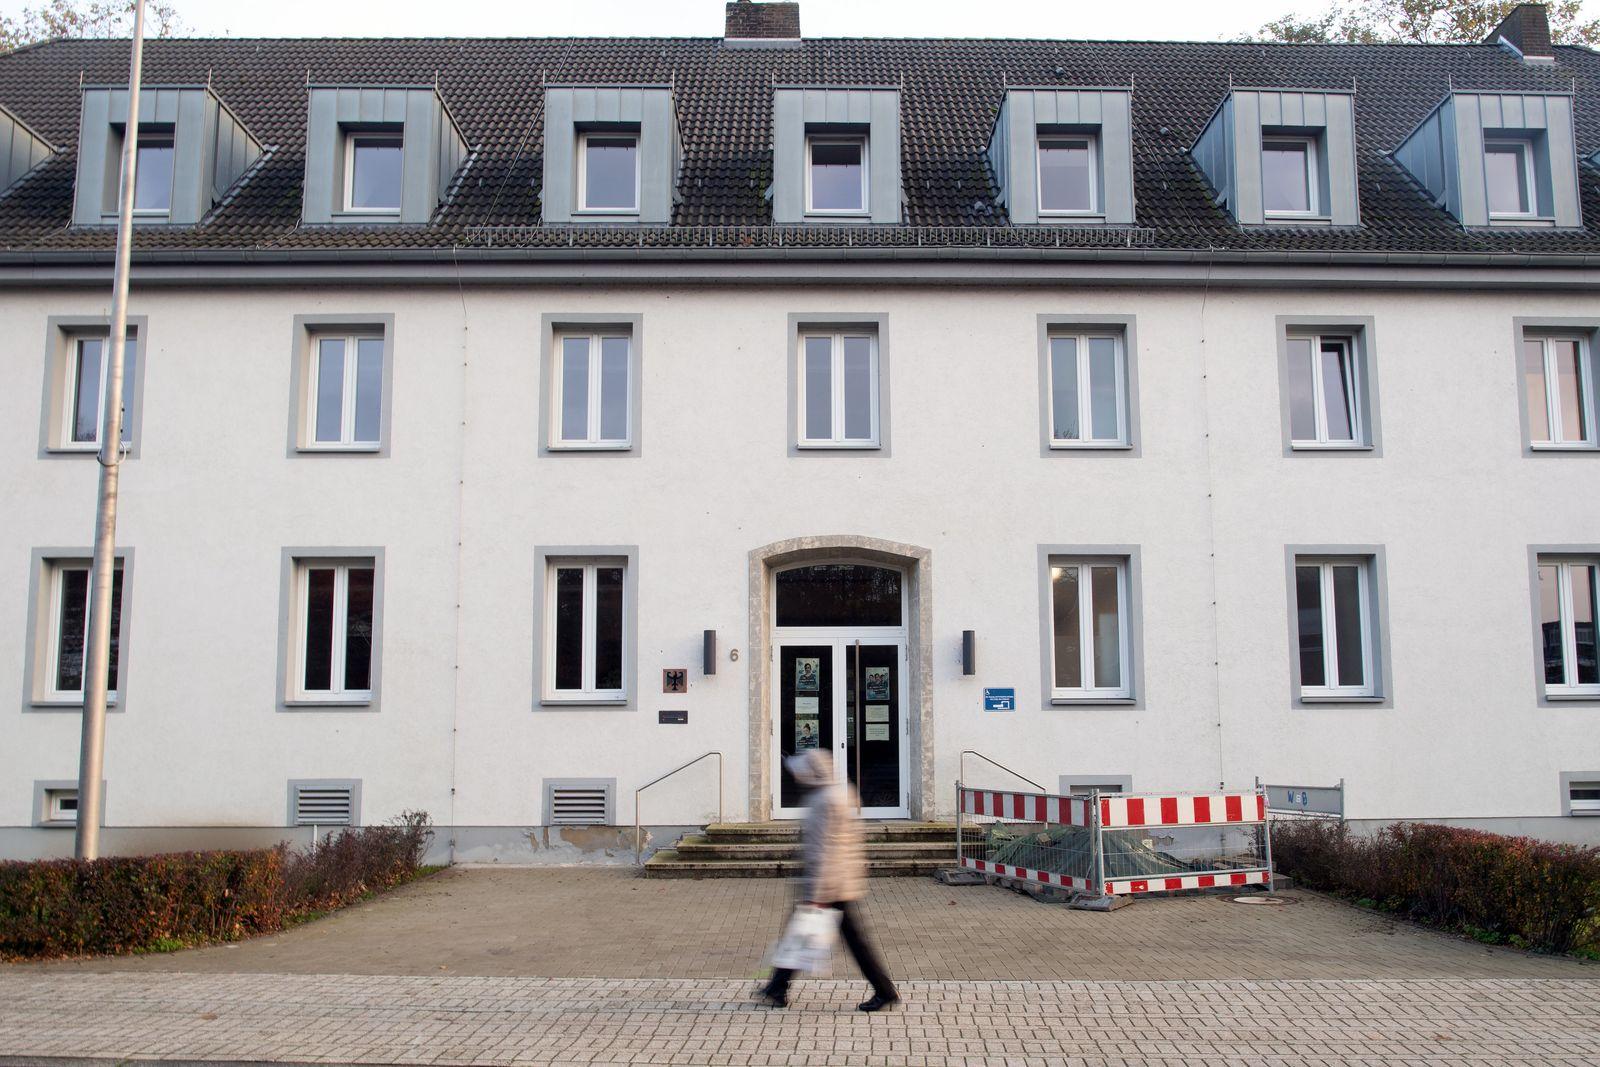 Loch in Keller von Zollamt gebohrt: 6,5 Millionen Euro Beute